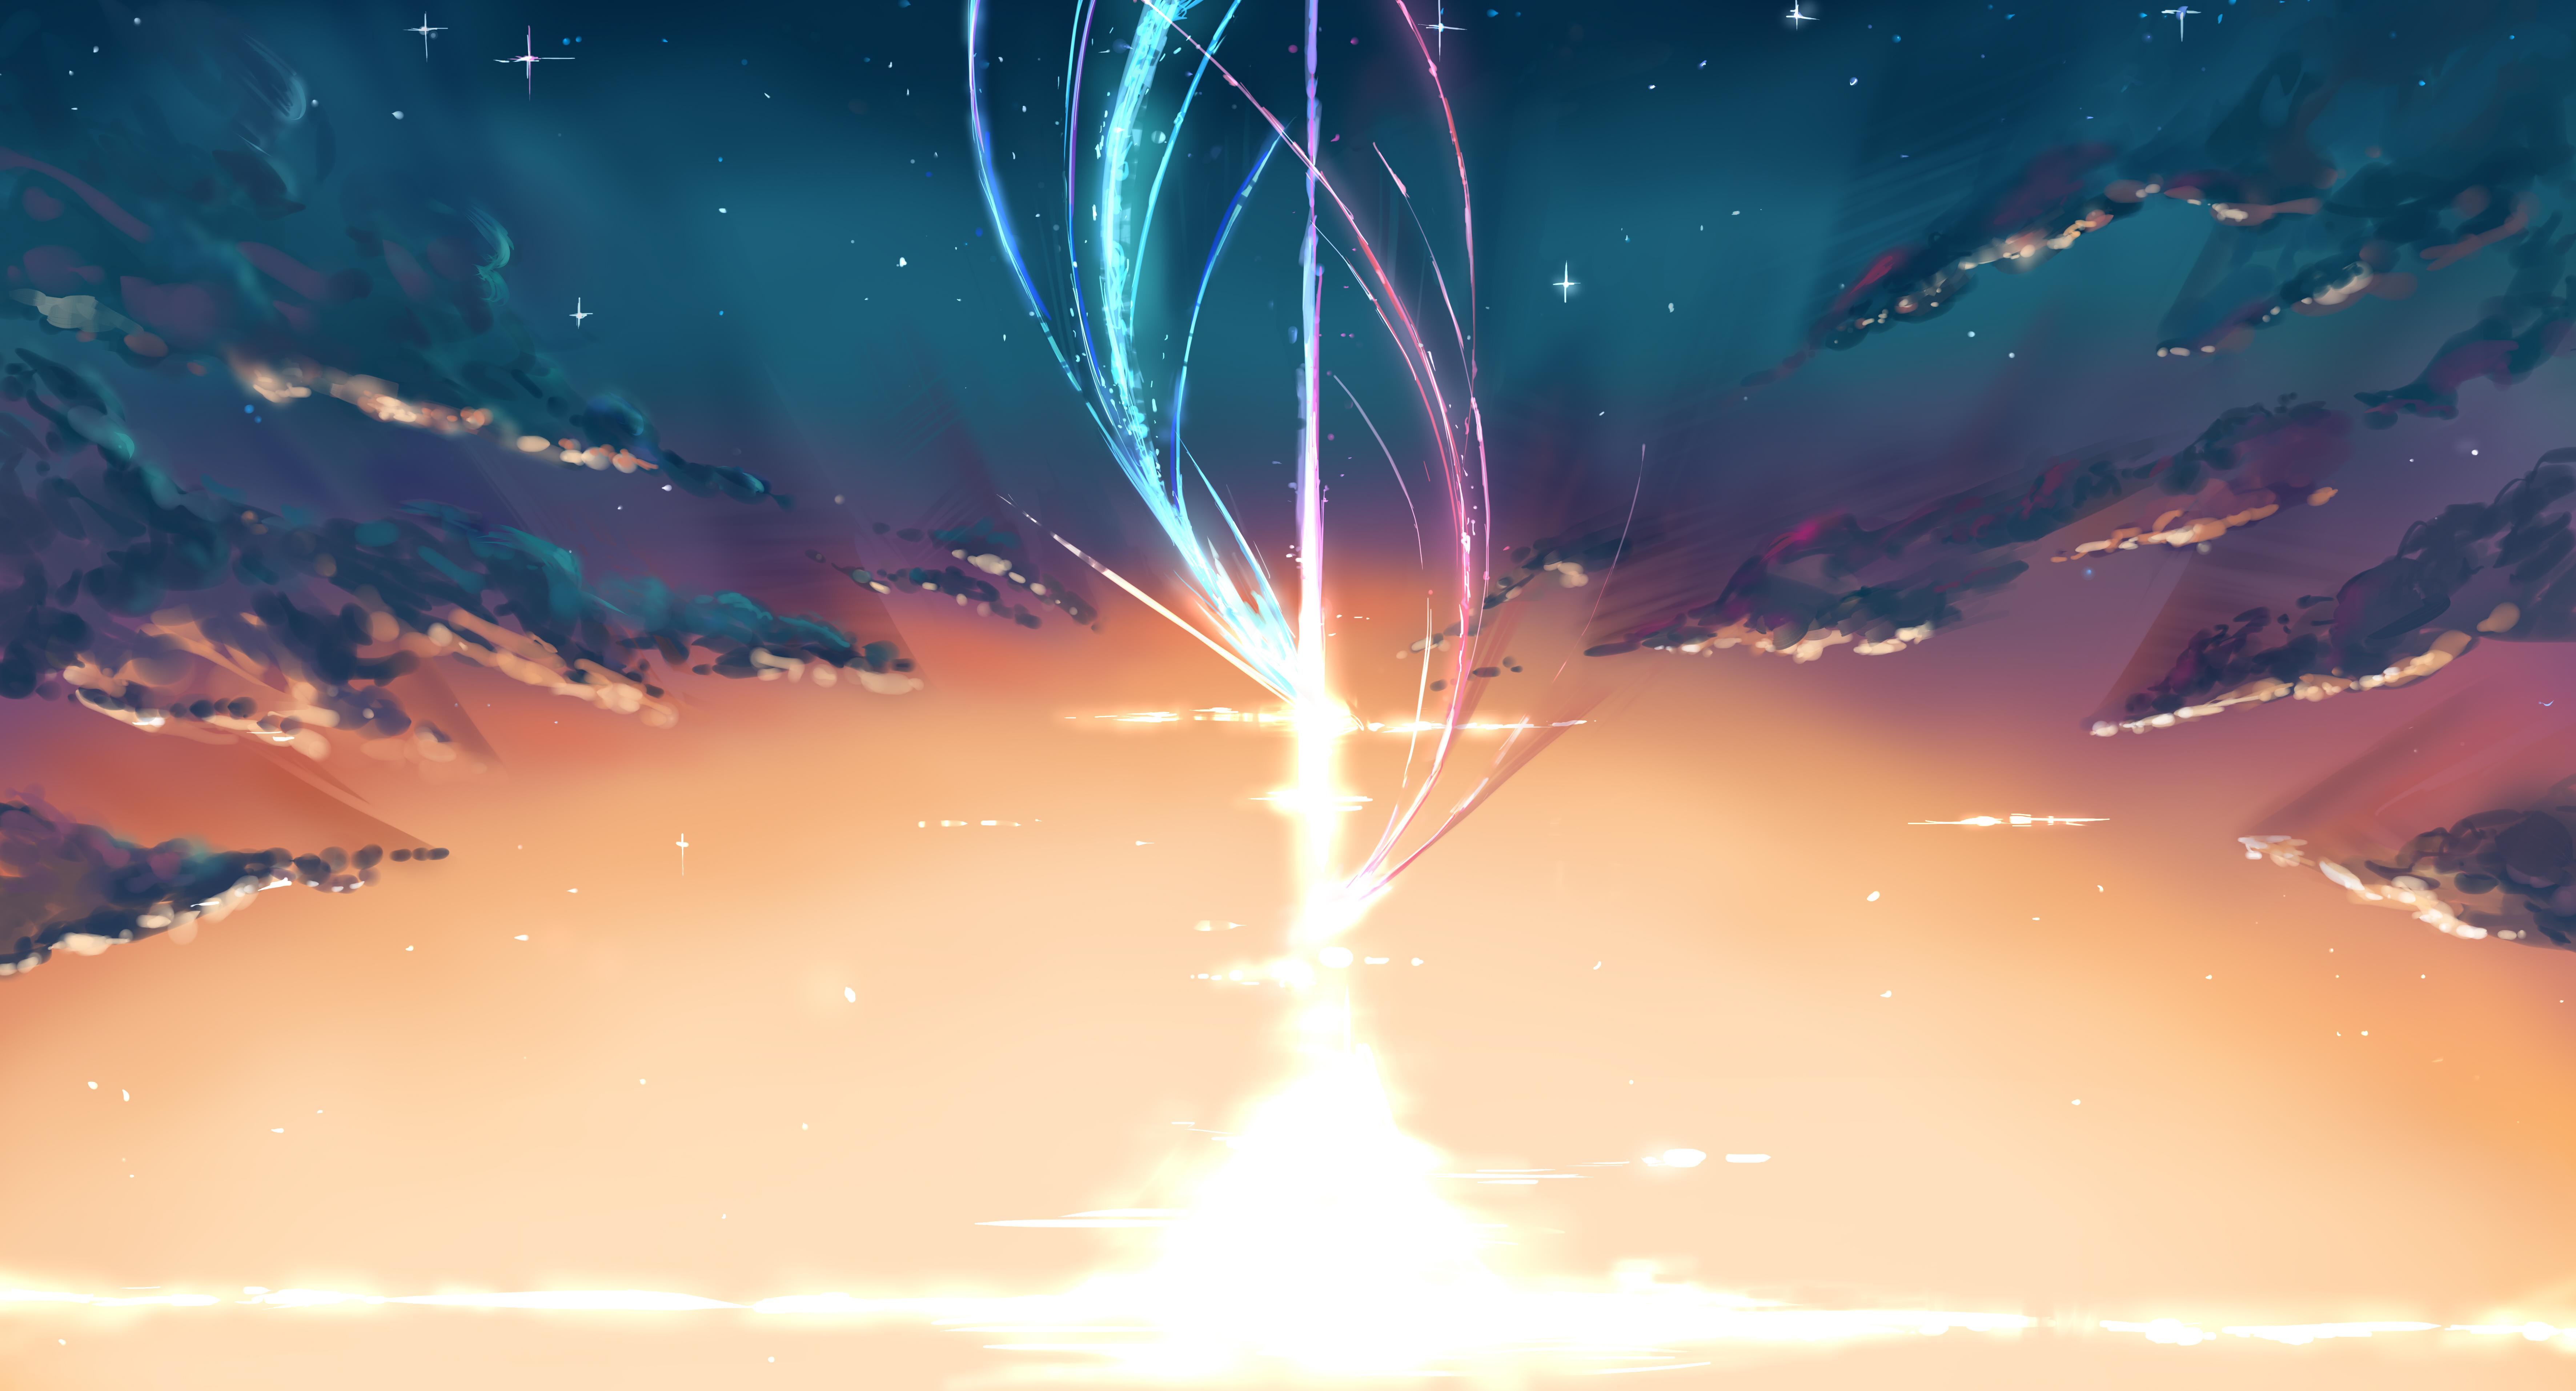 Kimi No Na Wa - Kimi No Na Wa Animated , HD Wallpaper & Backgrounds